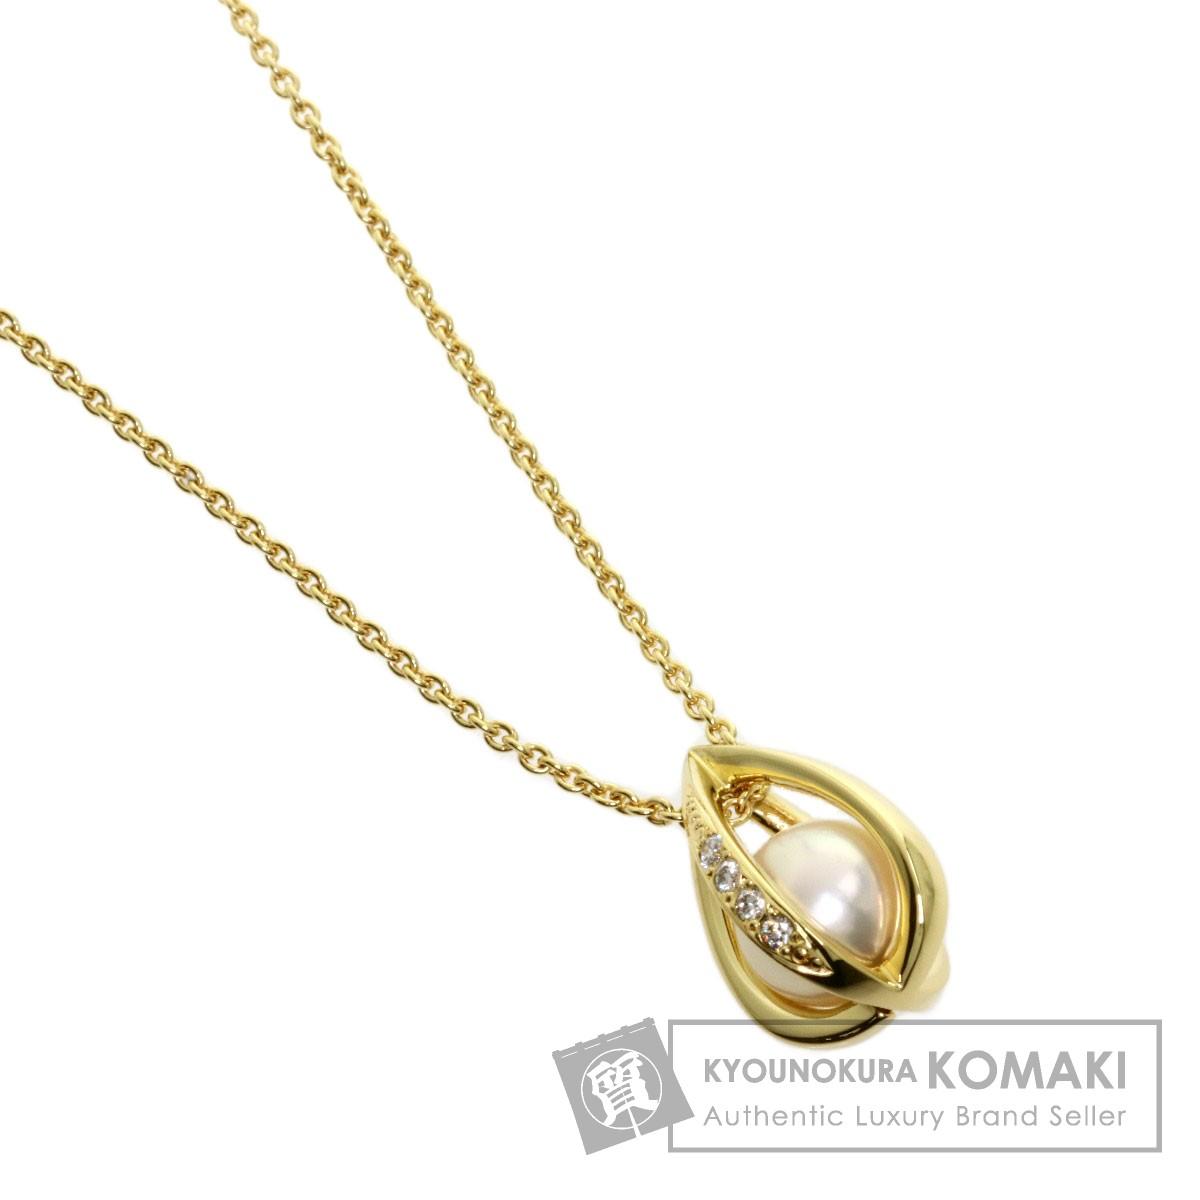 ミキモト アコヤパール 真珠 ダイヤモンド ネックレス K18イエローゴールド レディース 【中古】【MIKIMOTO】